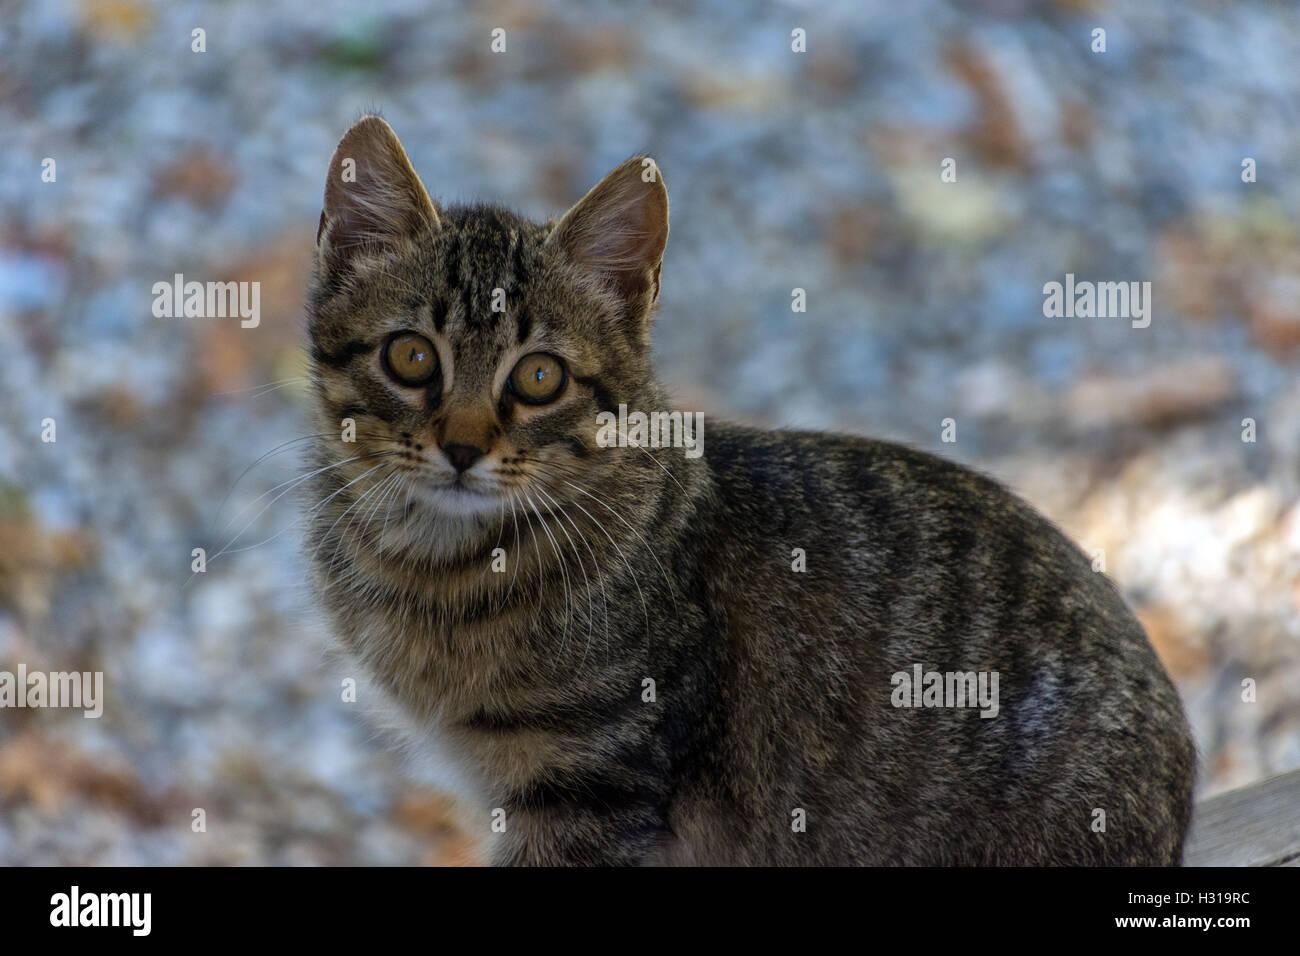 Tímido feral gato atigrado mirando a la cámara, asustada, detrás de los colores de otoño Imagen De Stock